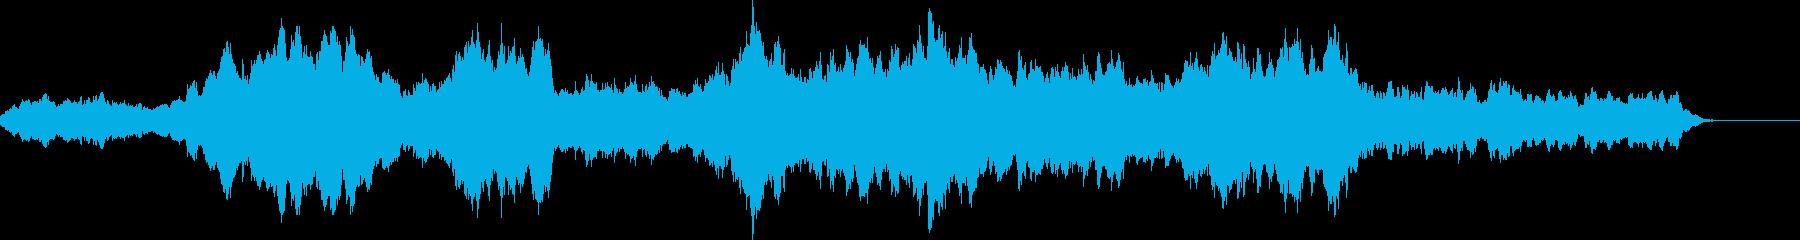 シンセストリングスによるサスペンスの再生済みの波形